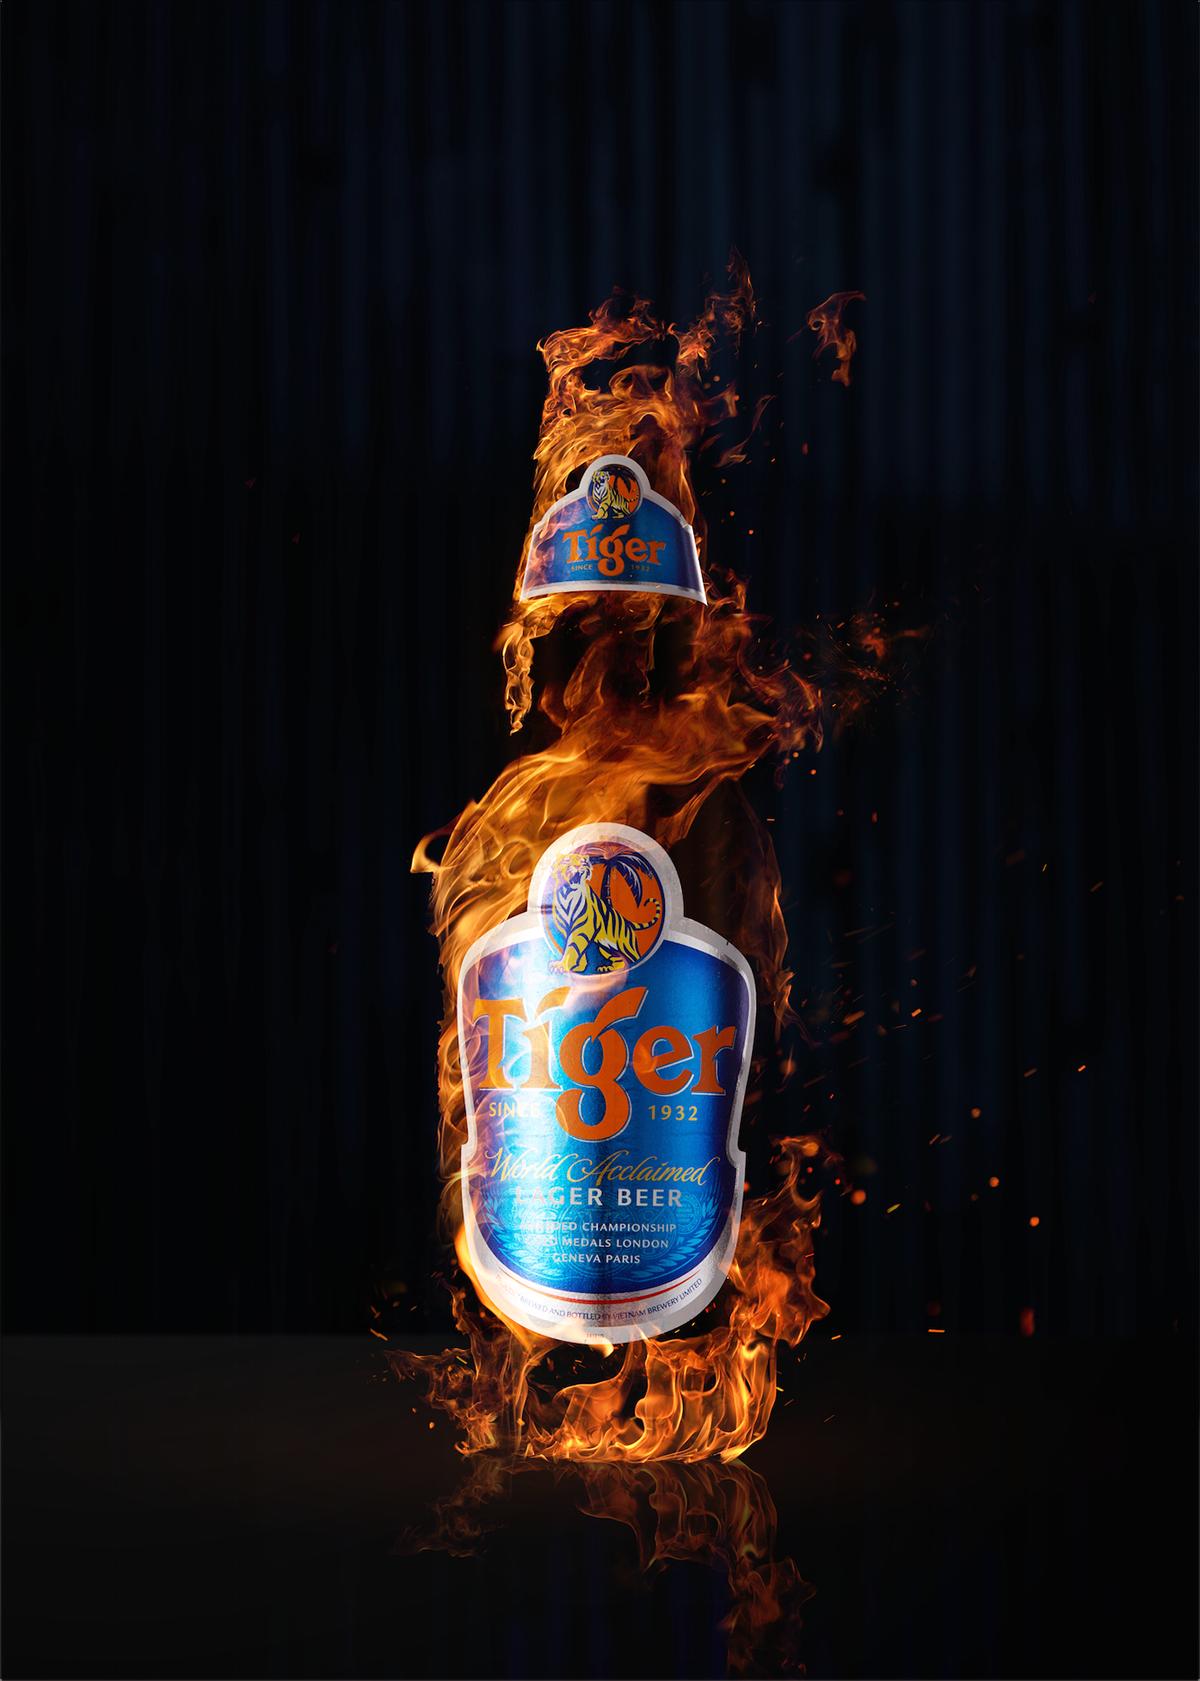 Tiger Beer On Behance Tiger Beer Beer Design Beer